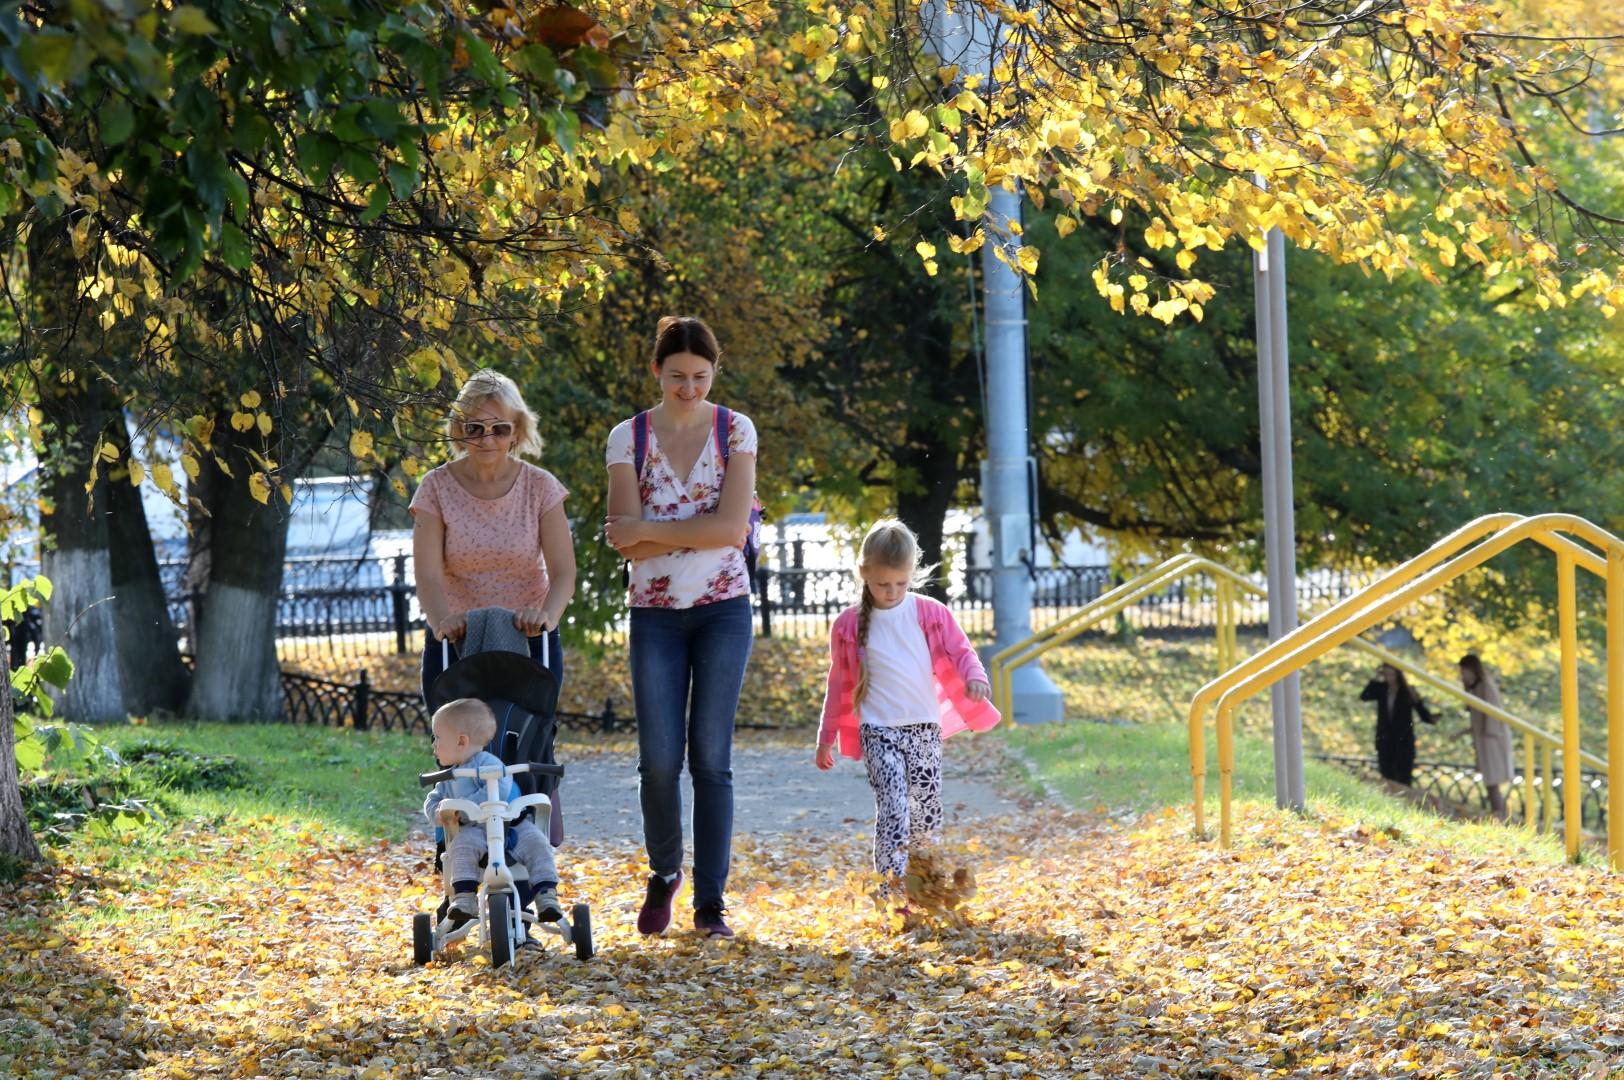 Семейная осень в Ярославии: где можно интересно провести время и взрослым, и детям